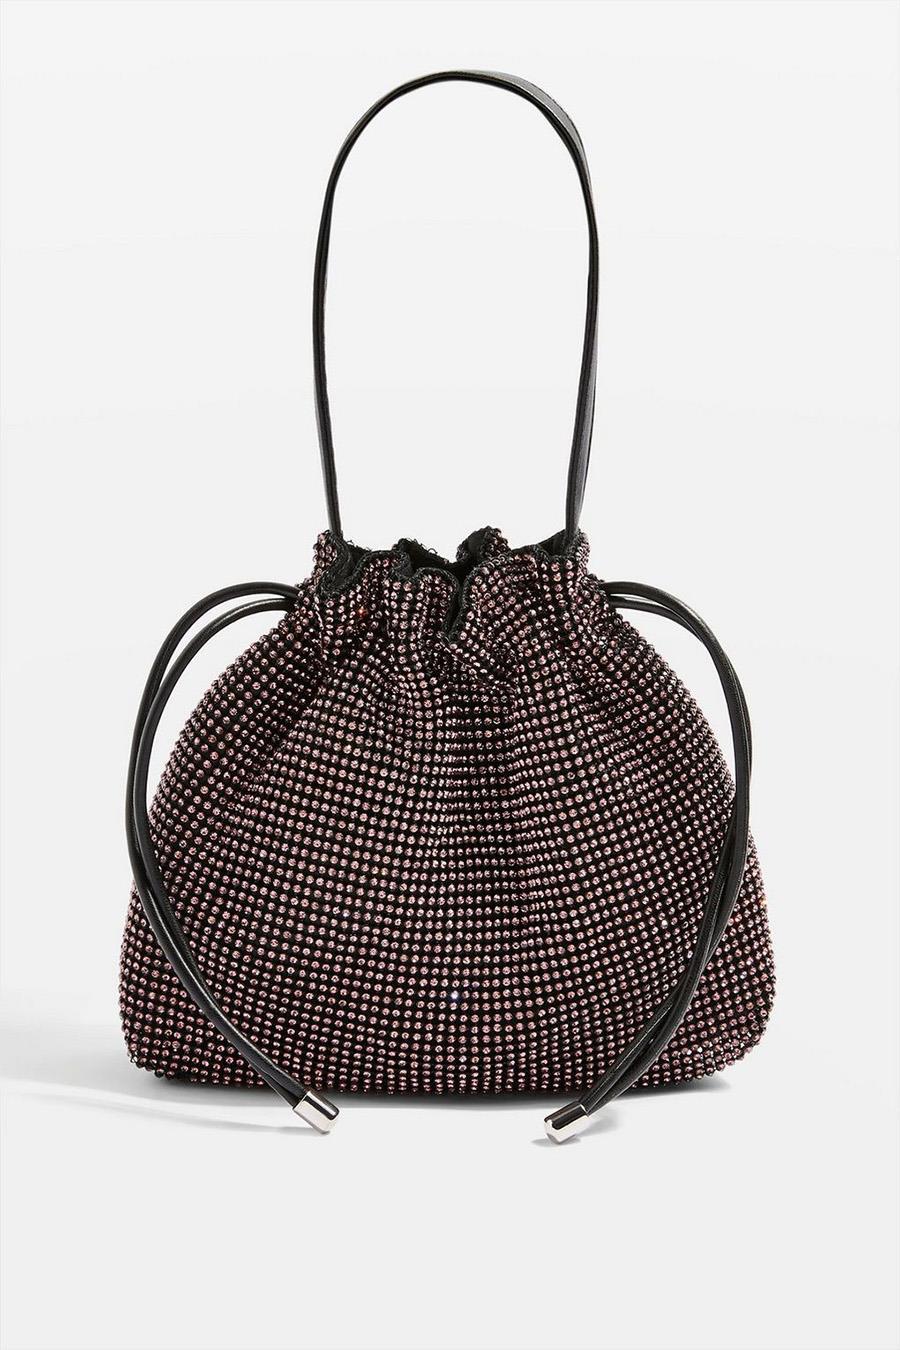 8b4d5163f67 Los bolsos de moda en 2019 - InStyle